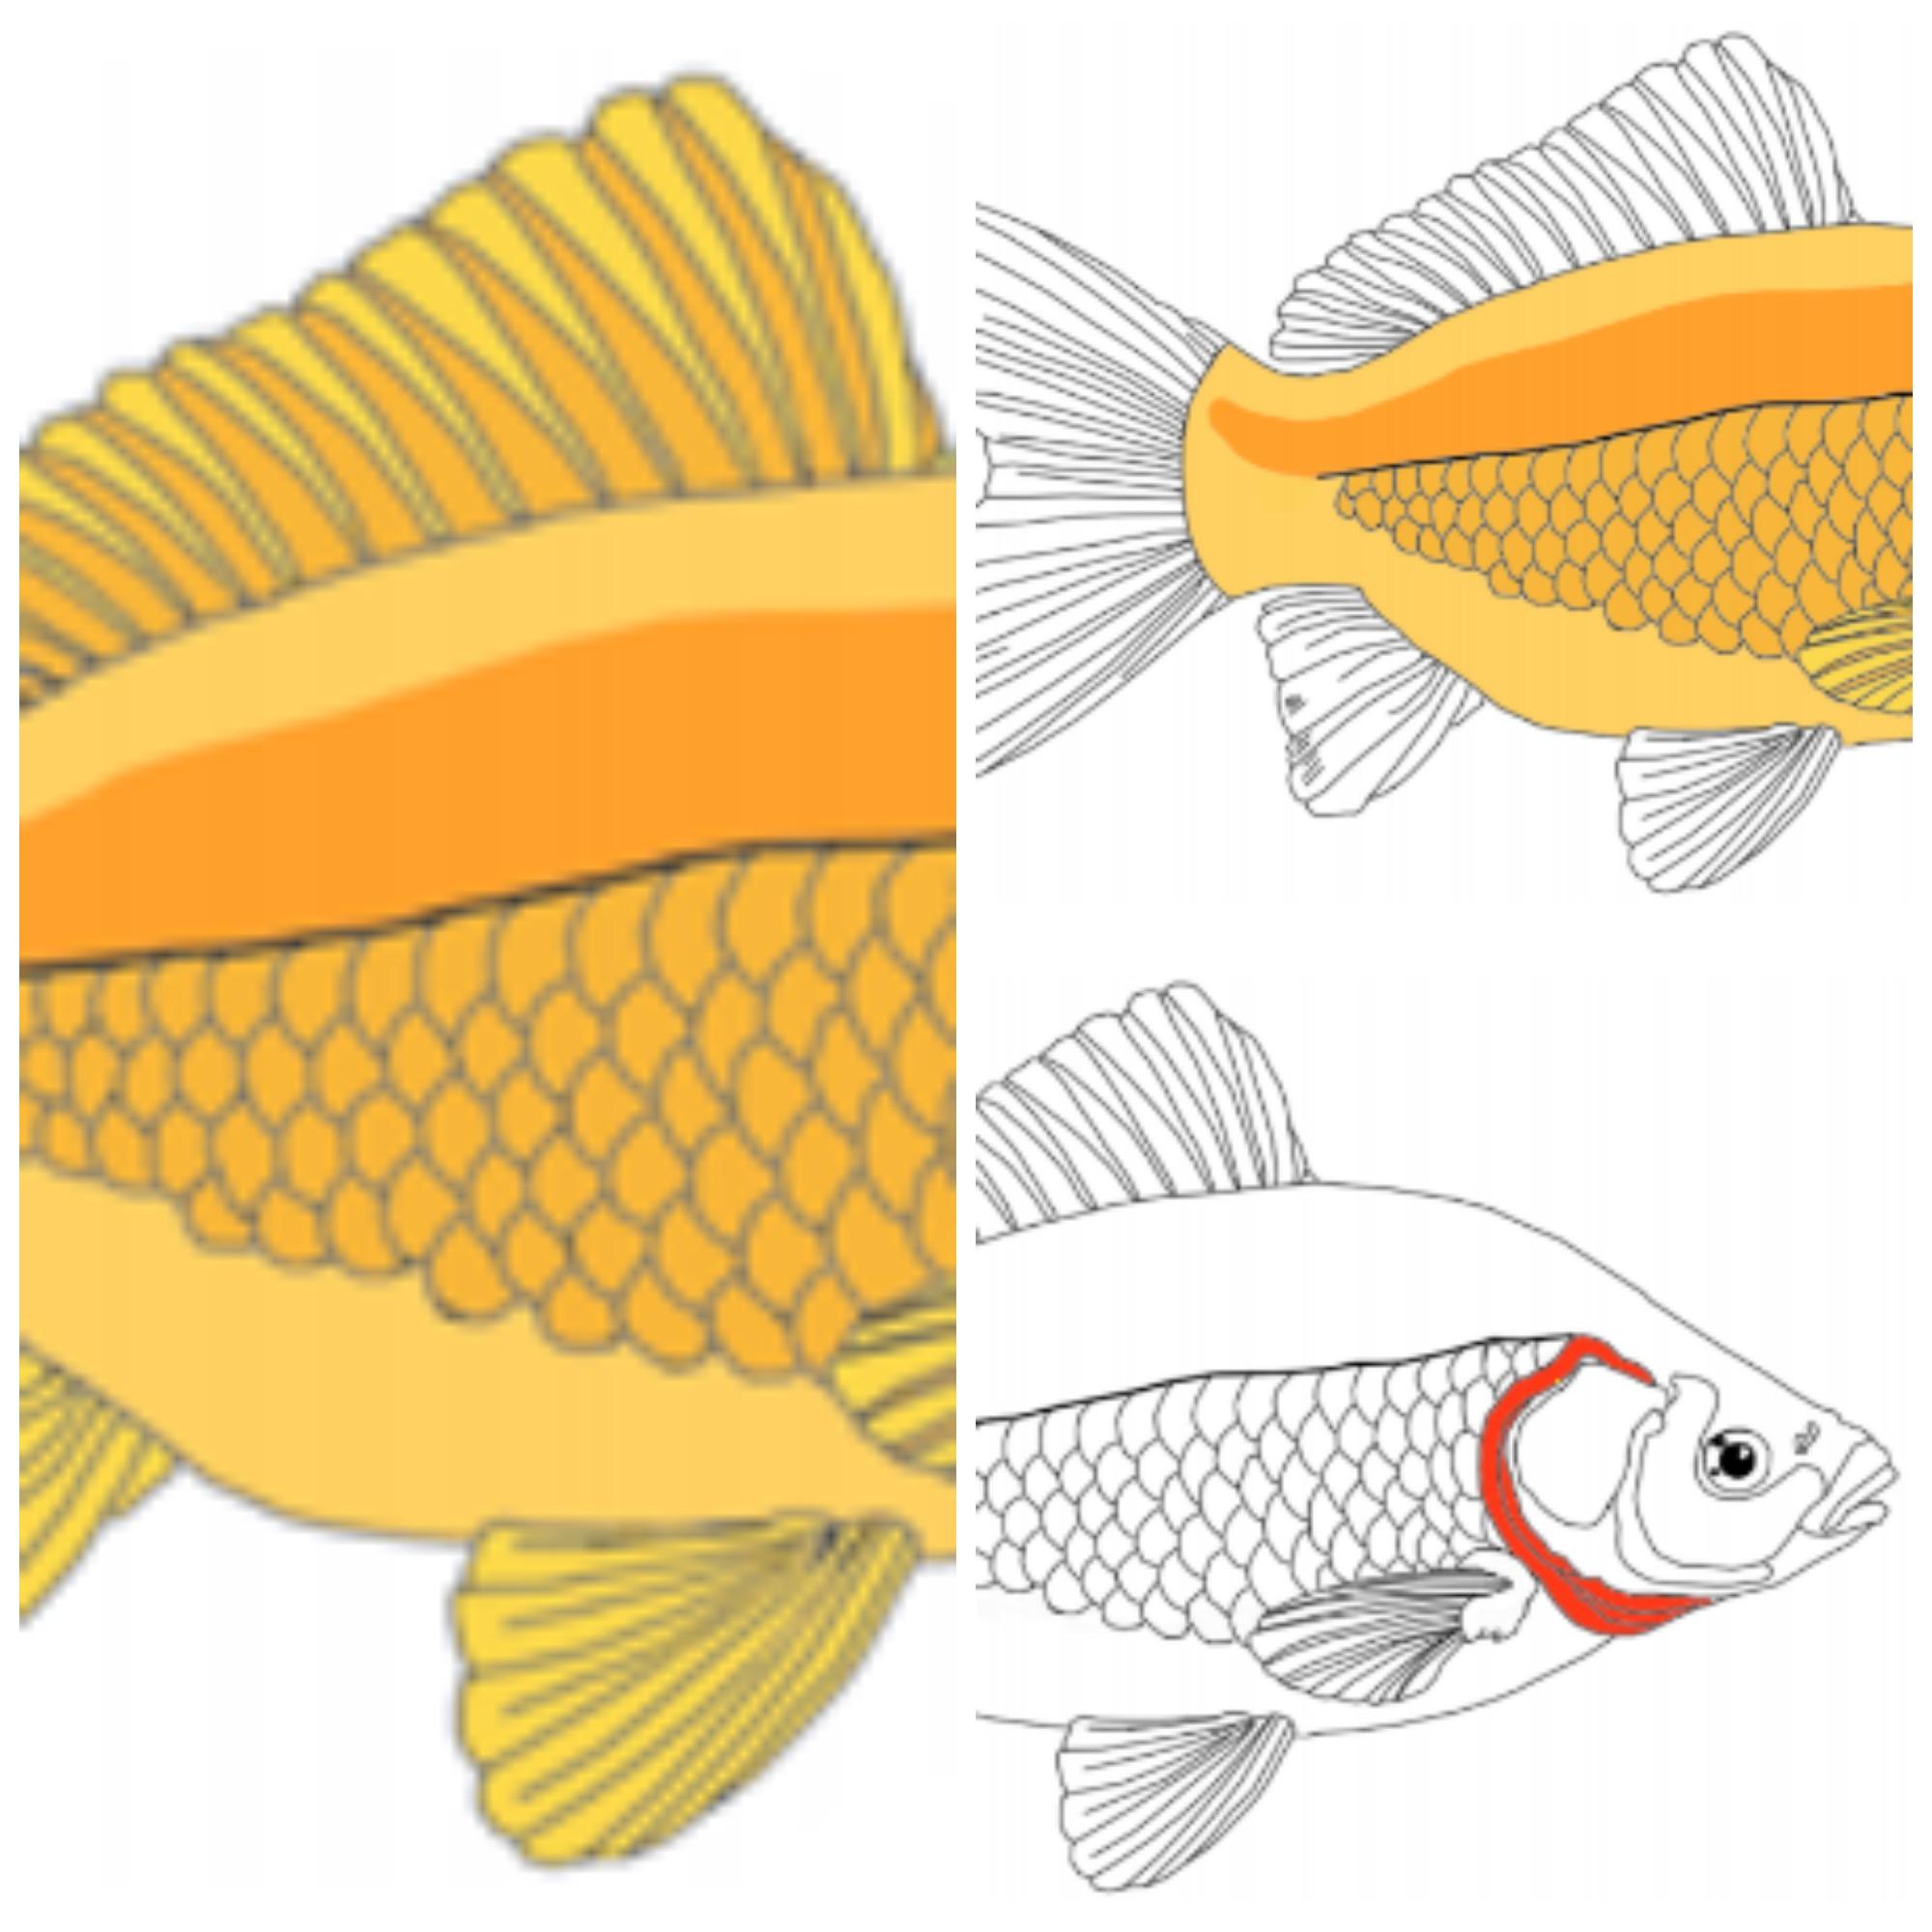 Anatomía del pez – MiMontessori